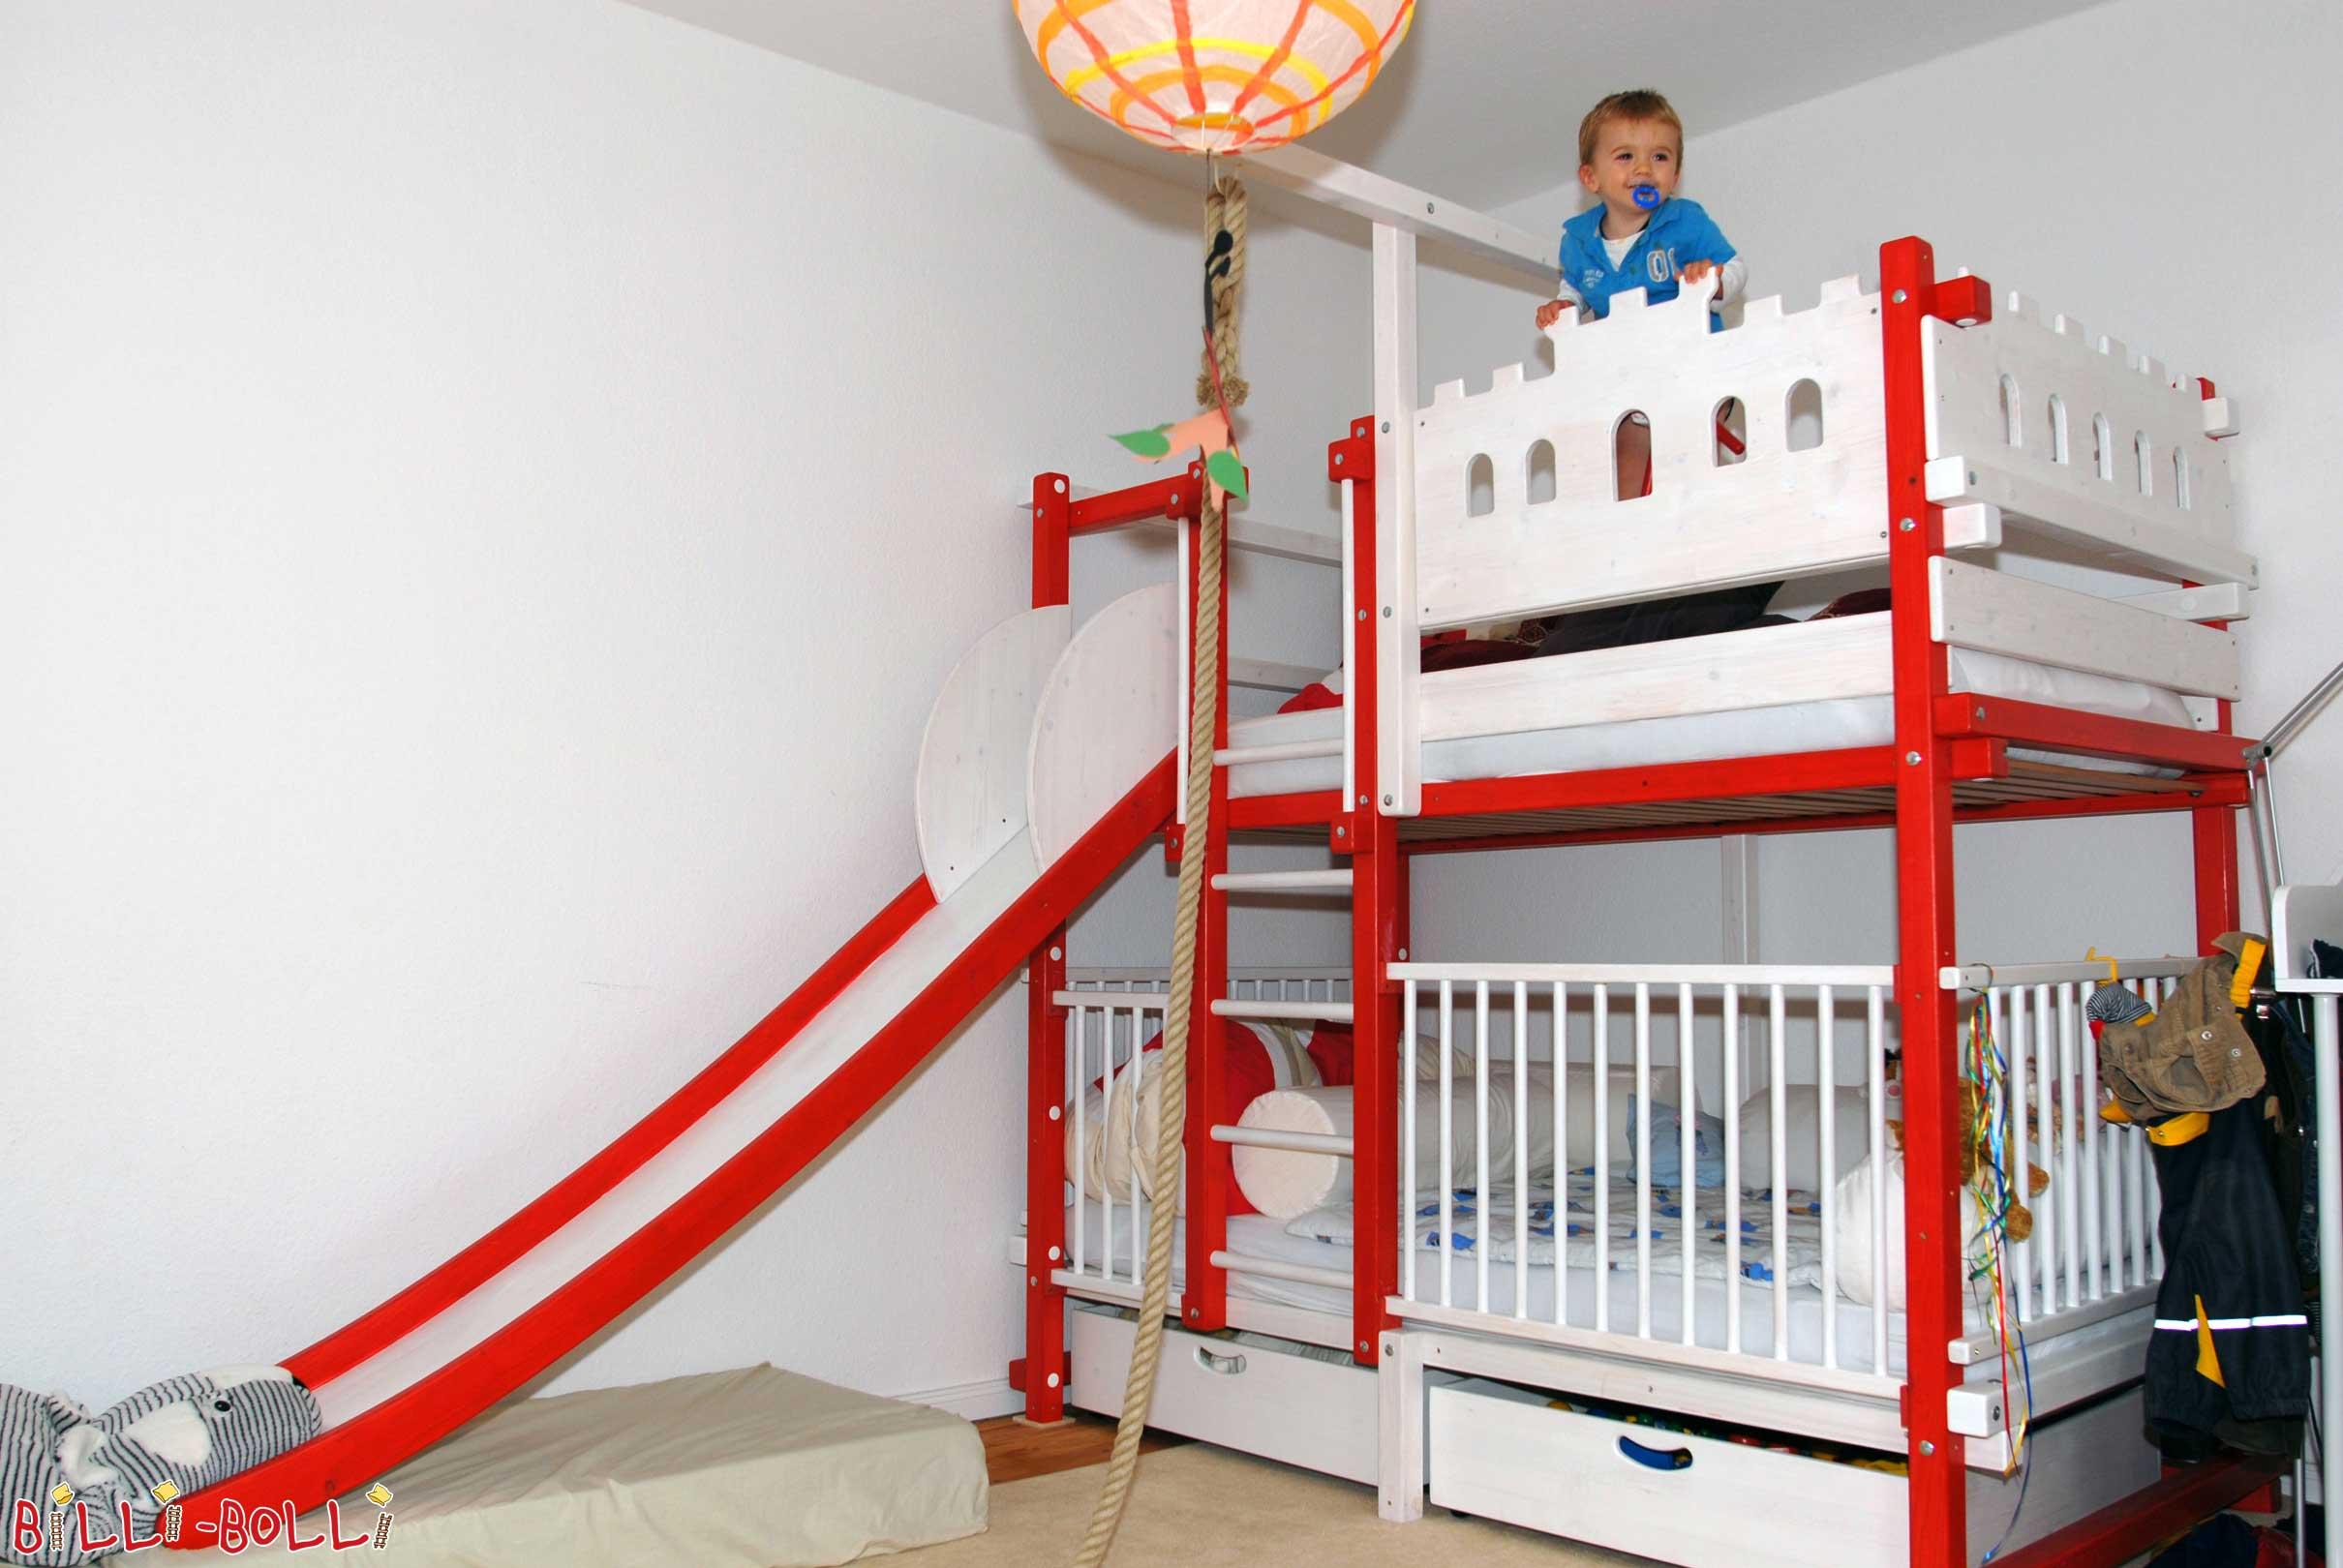 Sicurezza Mobili Per Bambini Da Billi Bolli